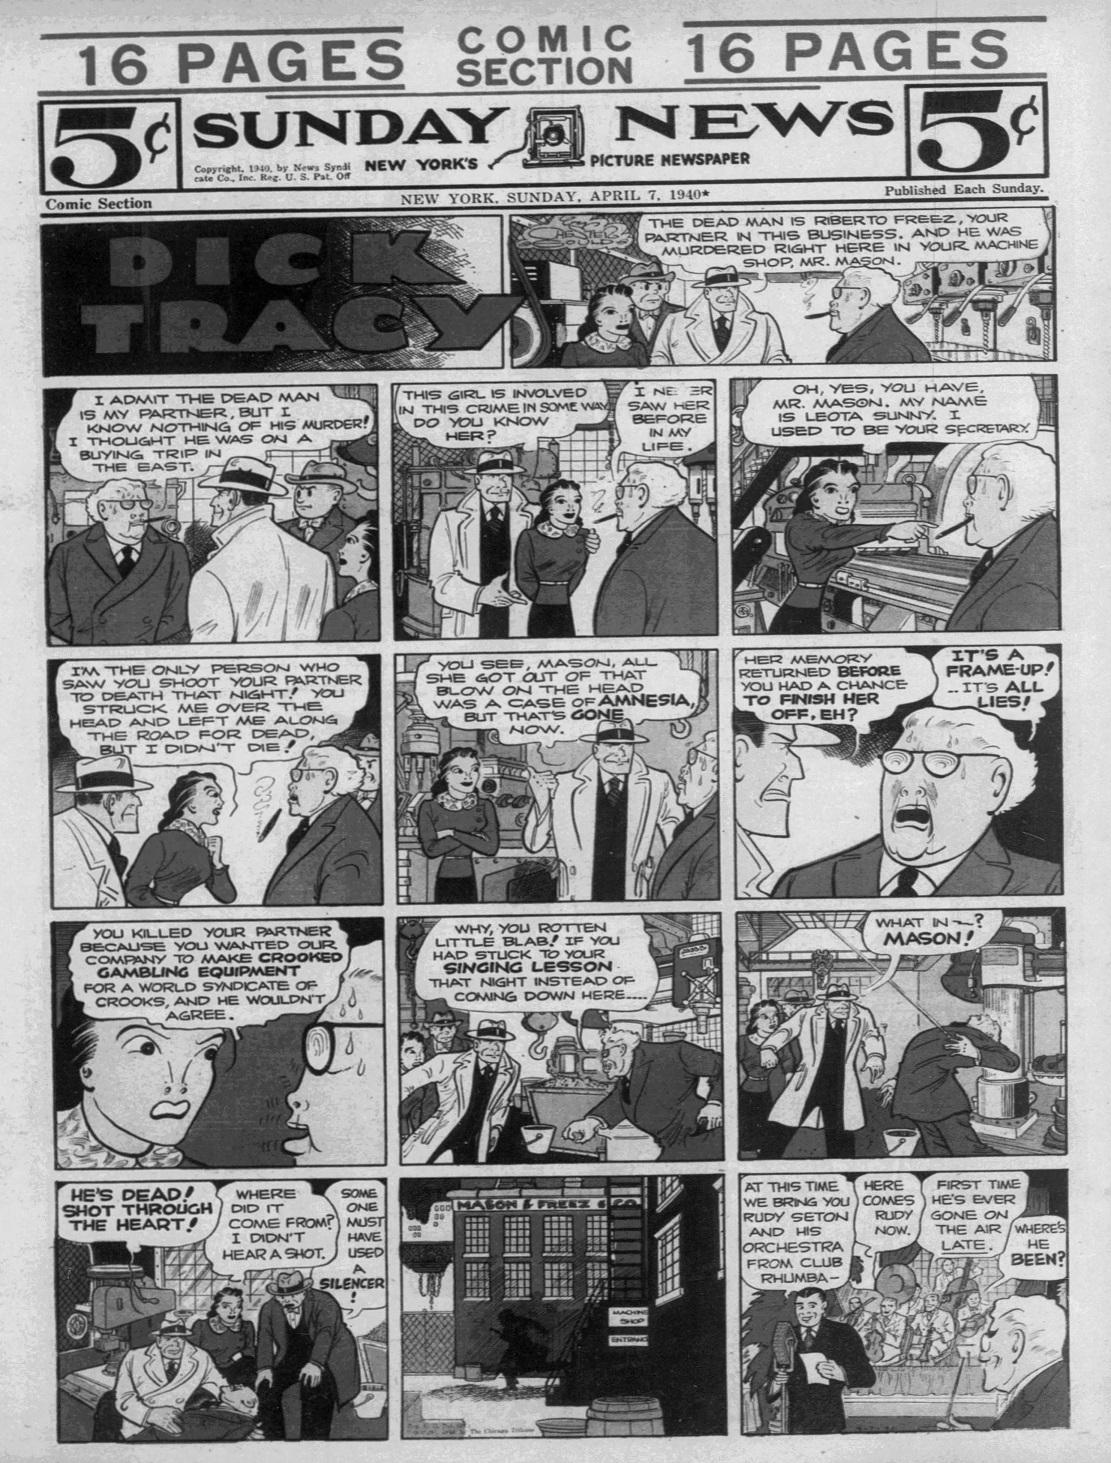 Daily_News_Sun__Apr_7__1940_(2).jpg